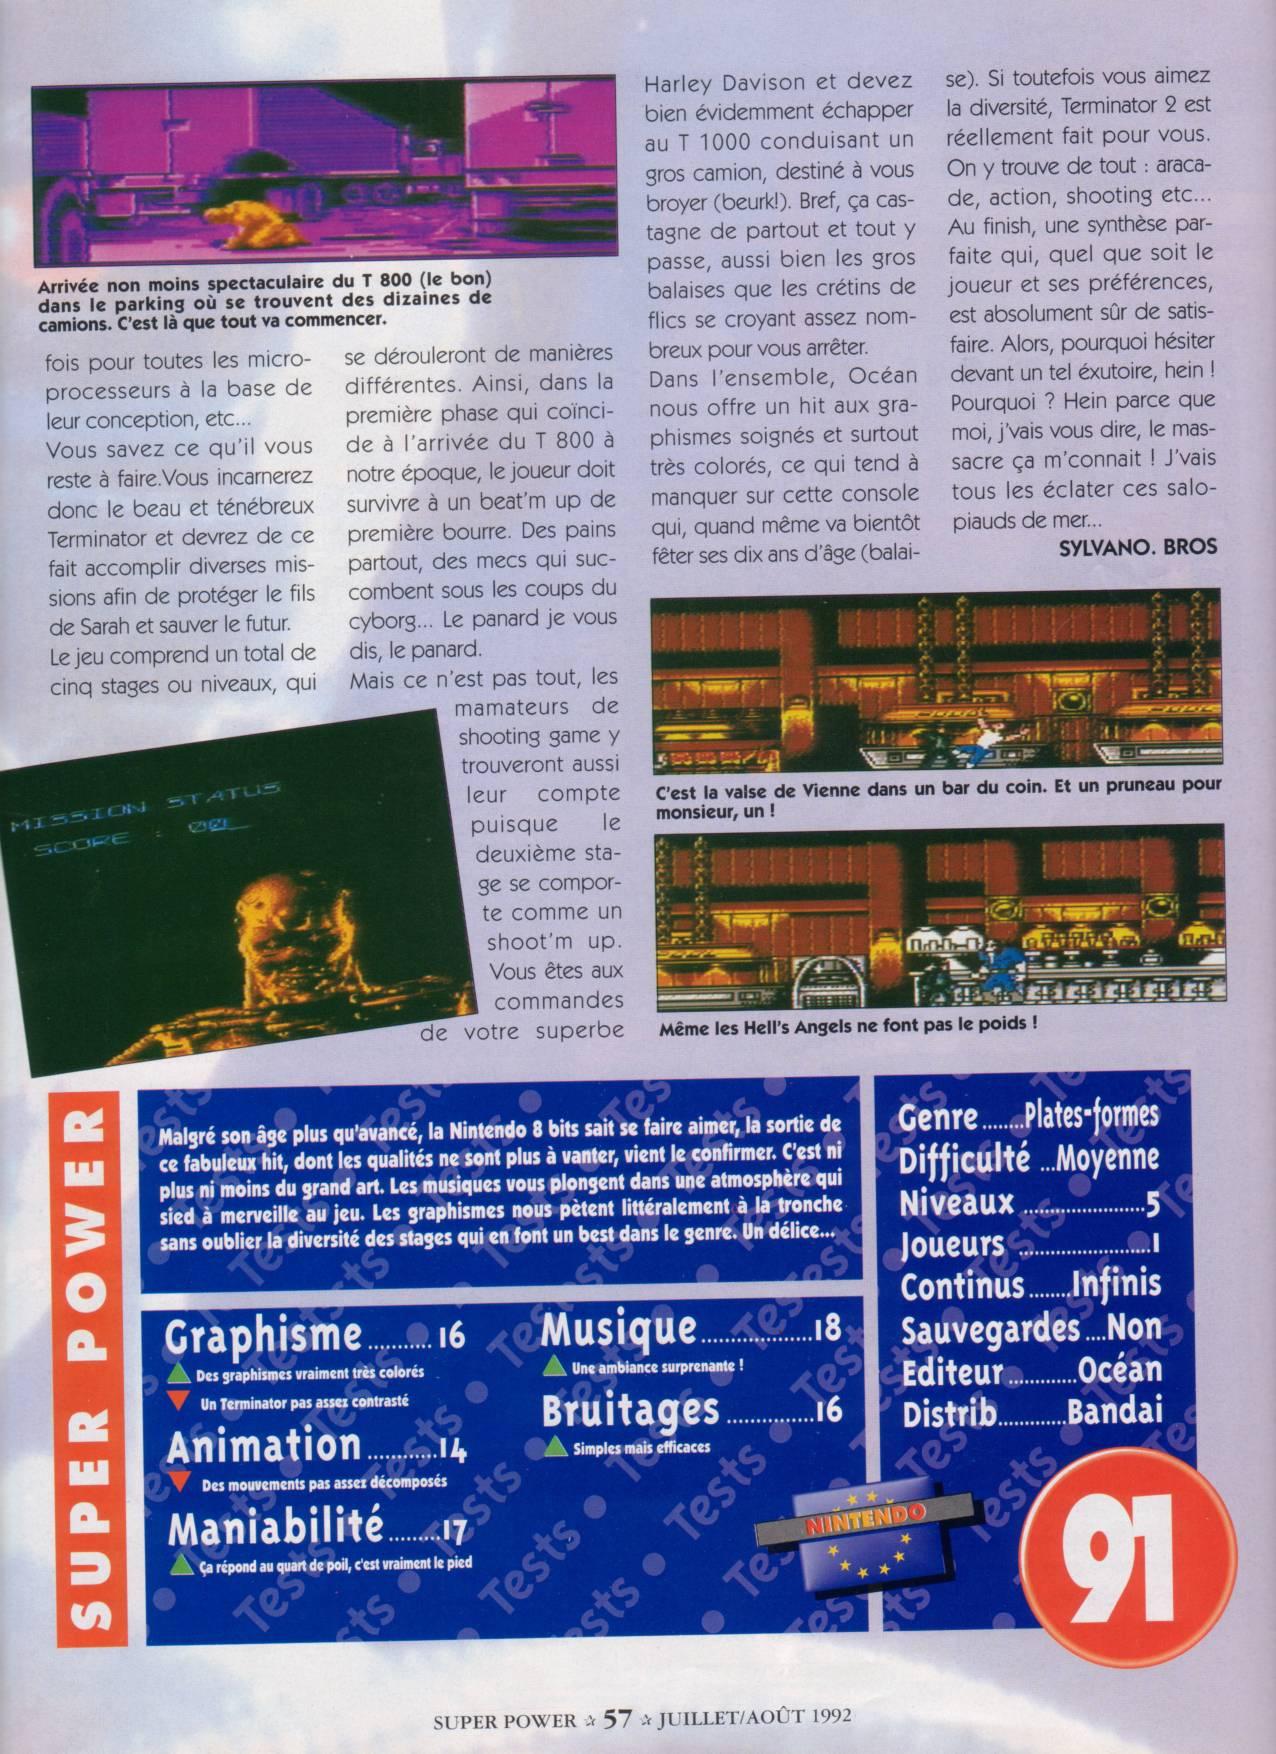 Les magazines de jeux vidéo c'était mieux avant ? Super%20Power%20001%20-%20Page%20057%20(1992-07-08)